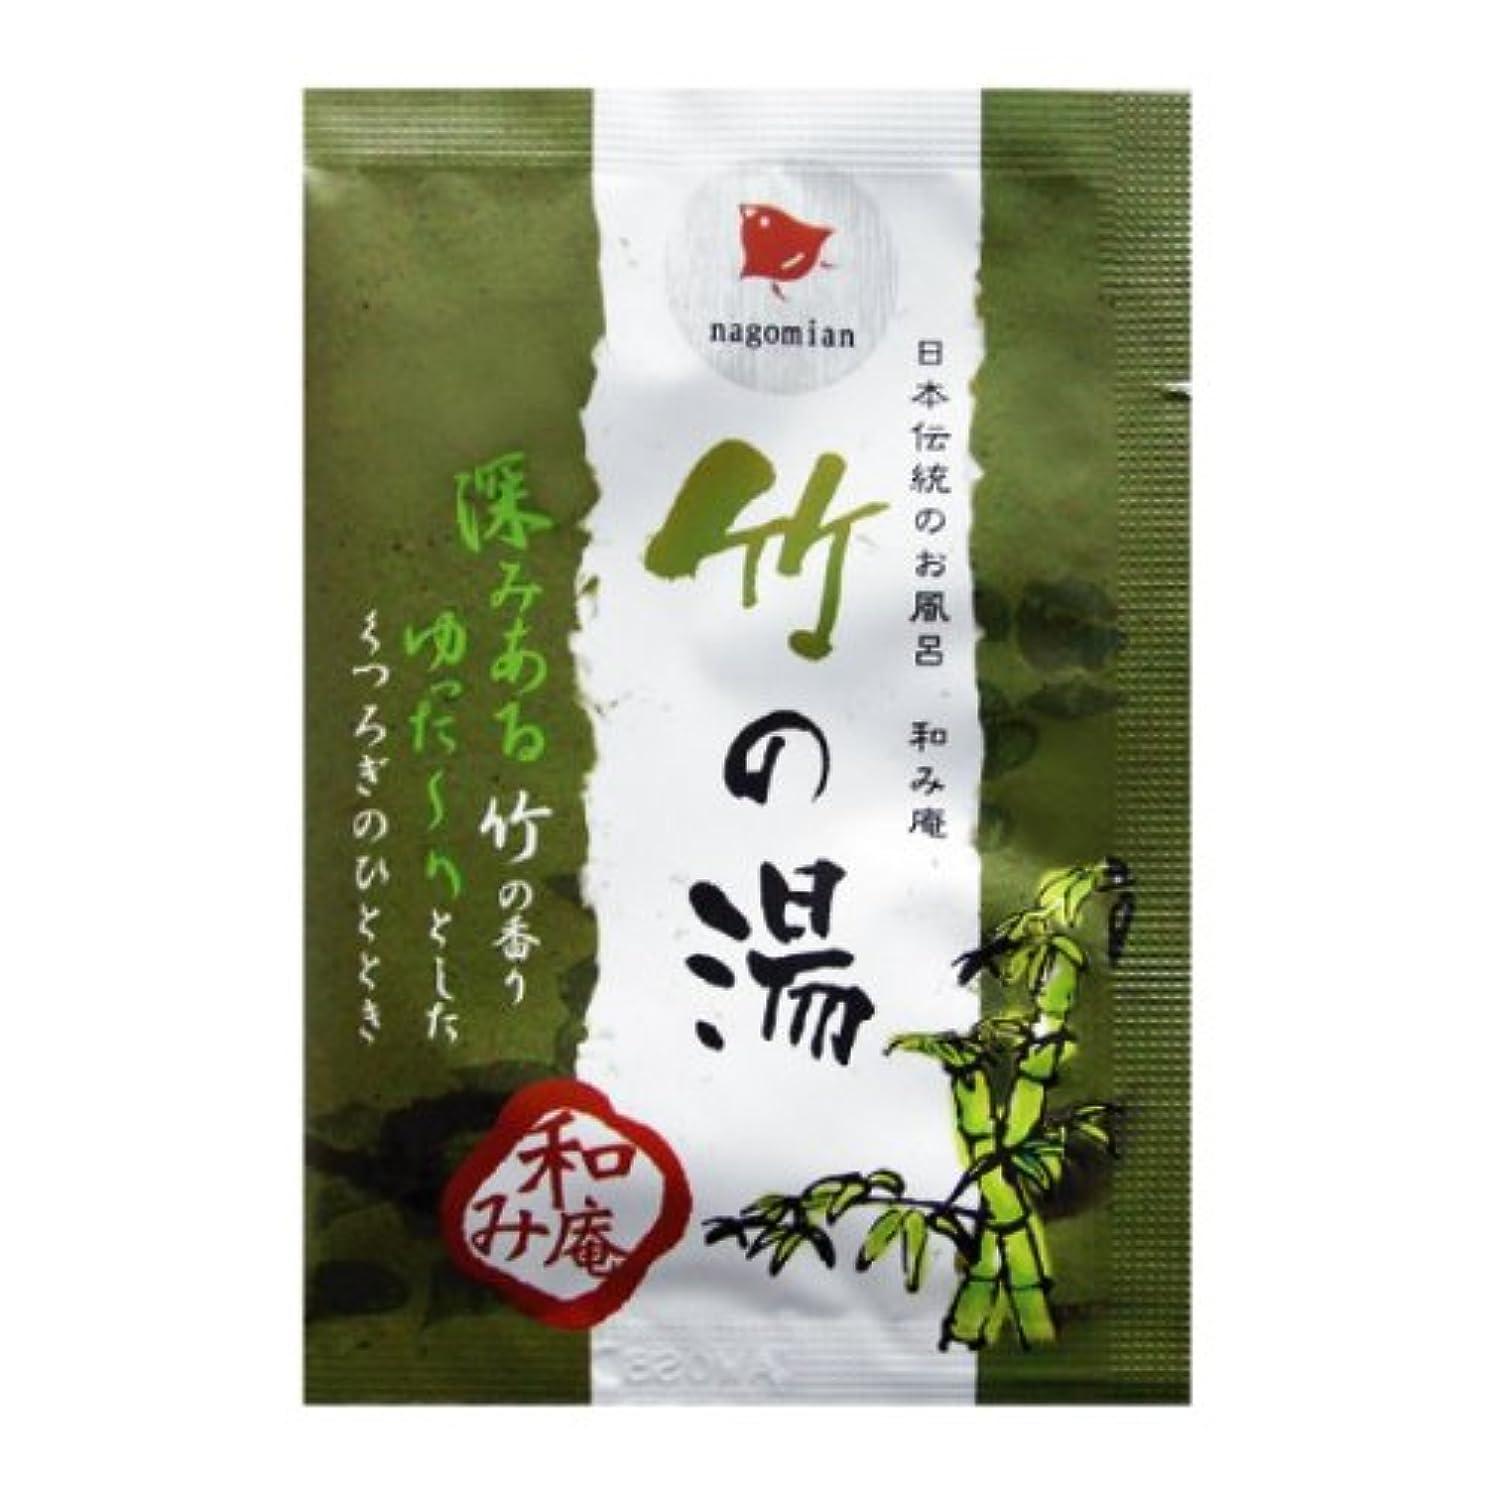 振り向くラウンジパウダー日本伝統のお風呂 和み庵 竹の湯 200包